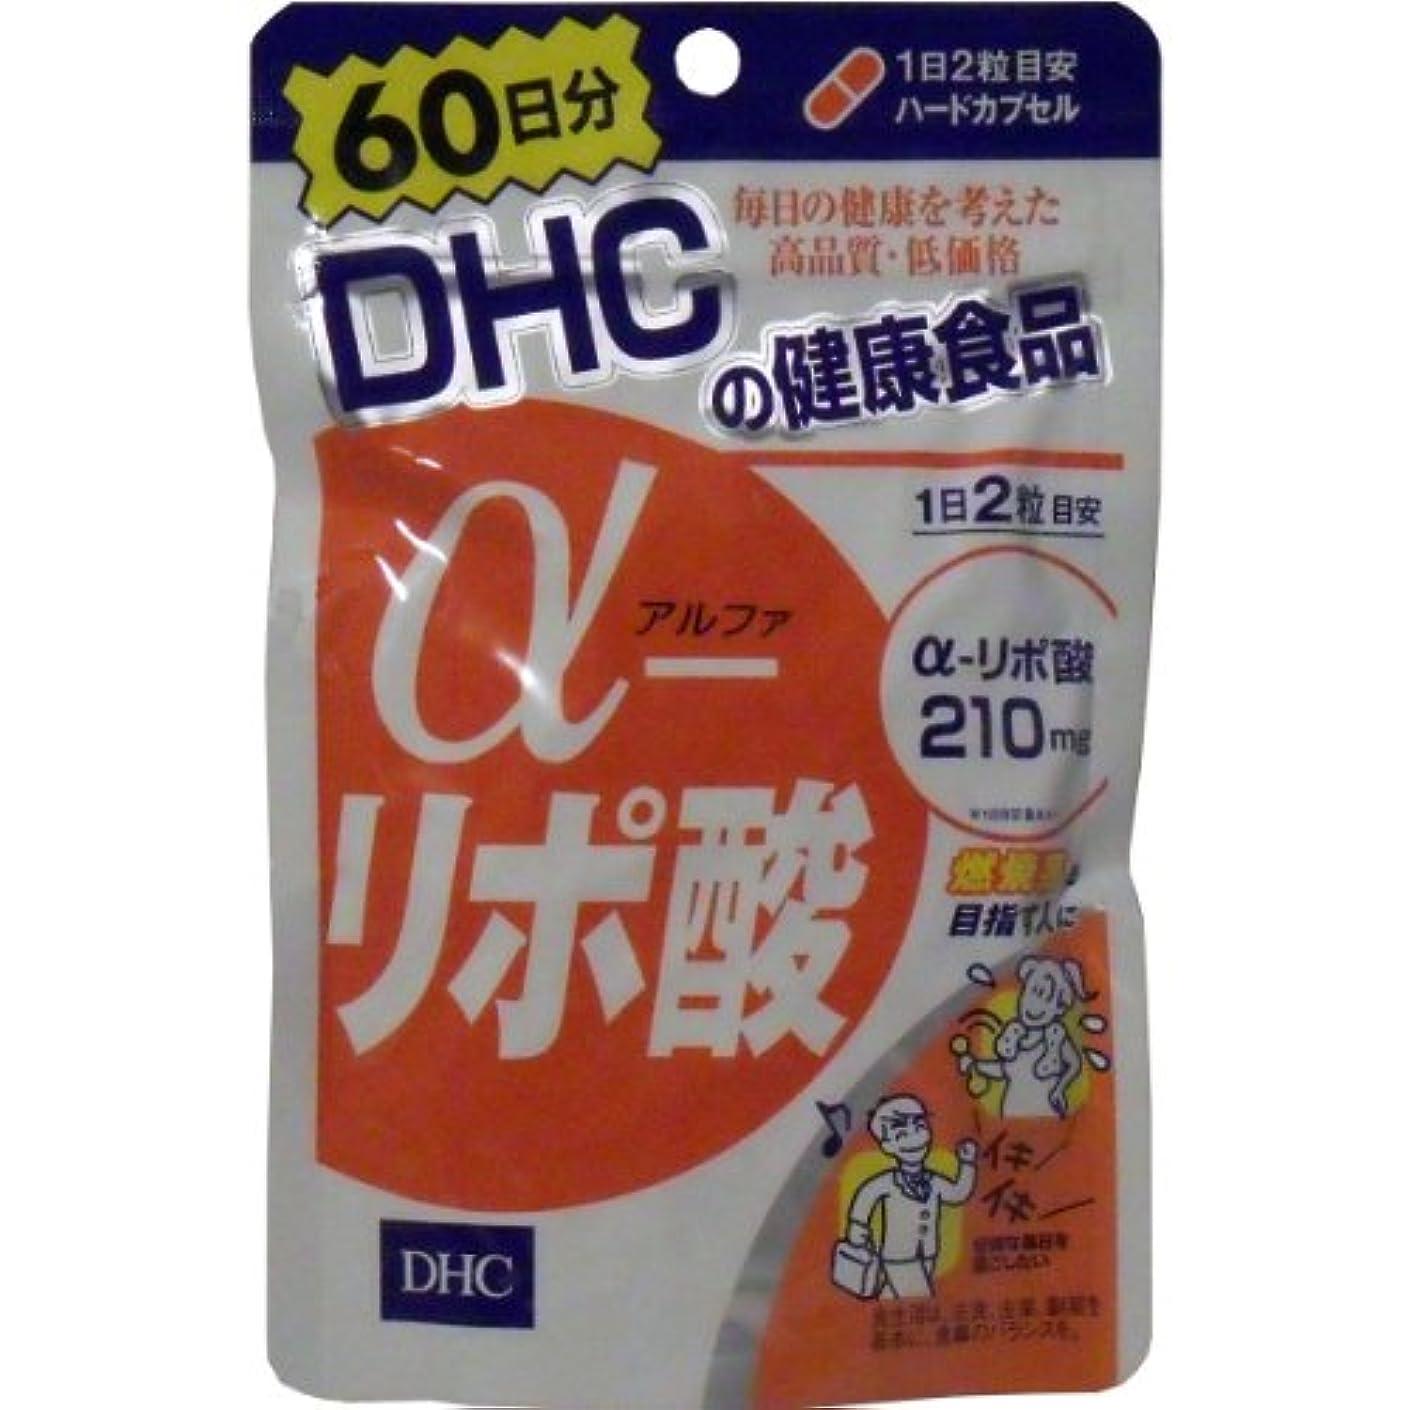 損なう寓話頑固なDHC α-リポ酸 120粒 60日分 ×6個セット